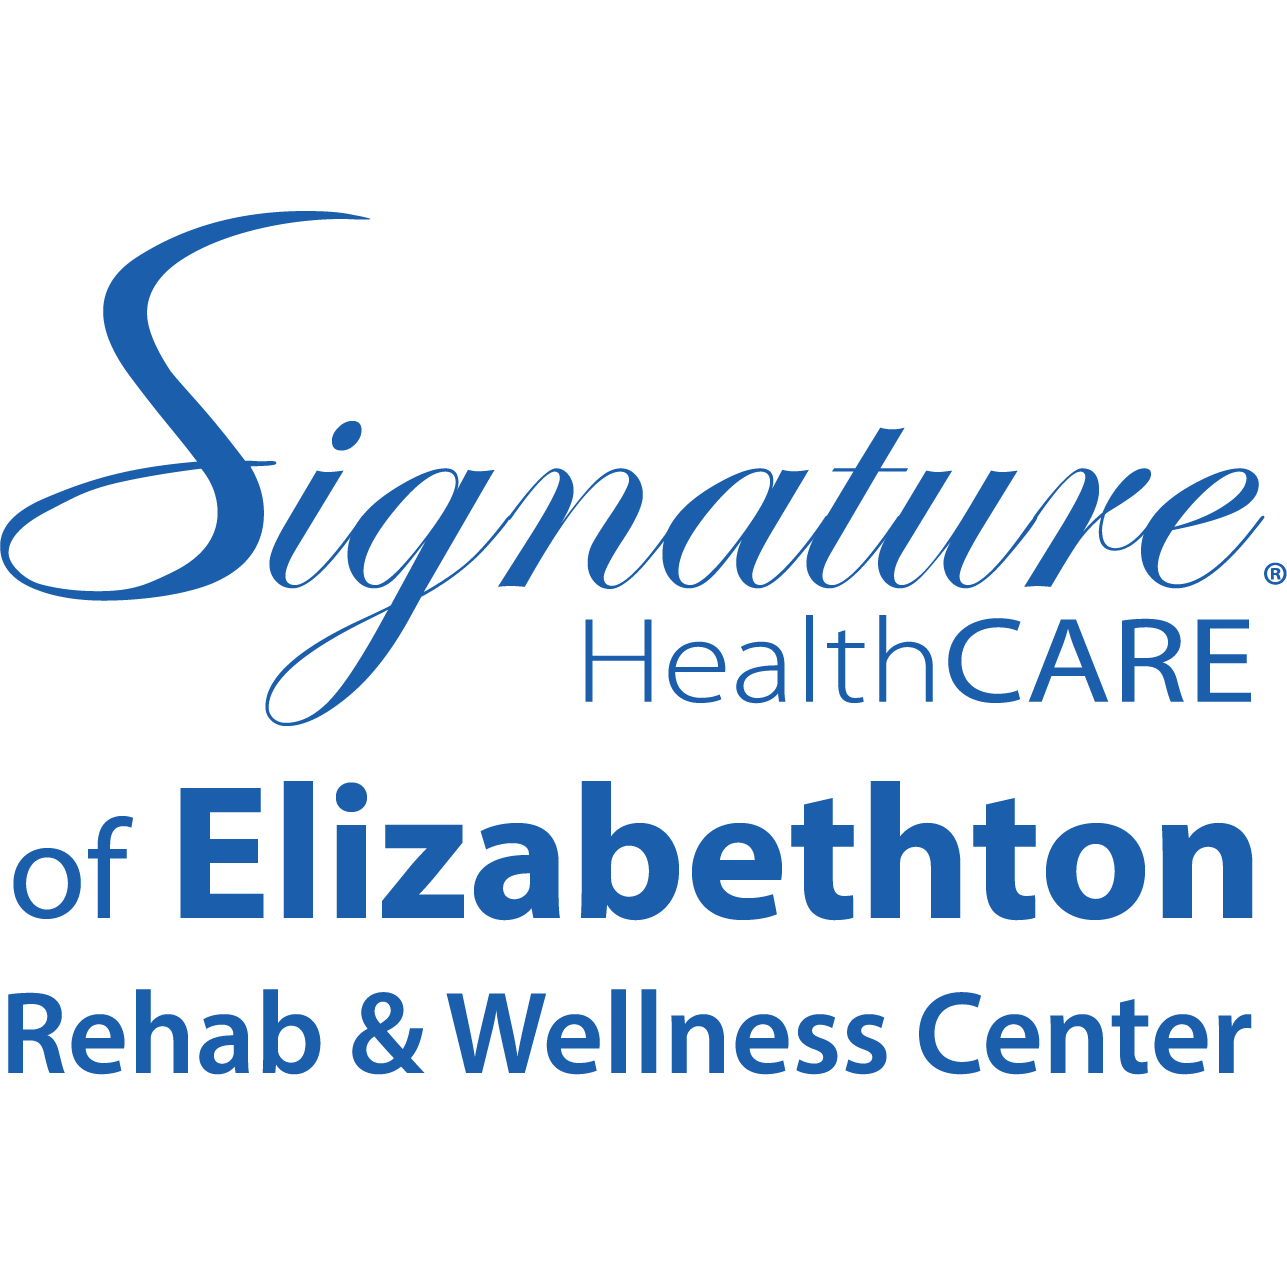 Signature HealthCARE of Elizabethton Rehab & Wellness Center image 10